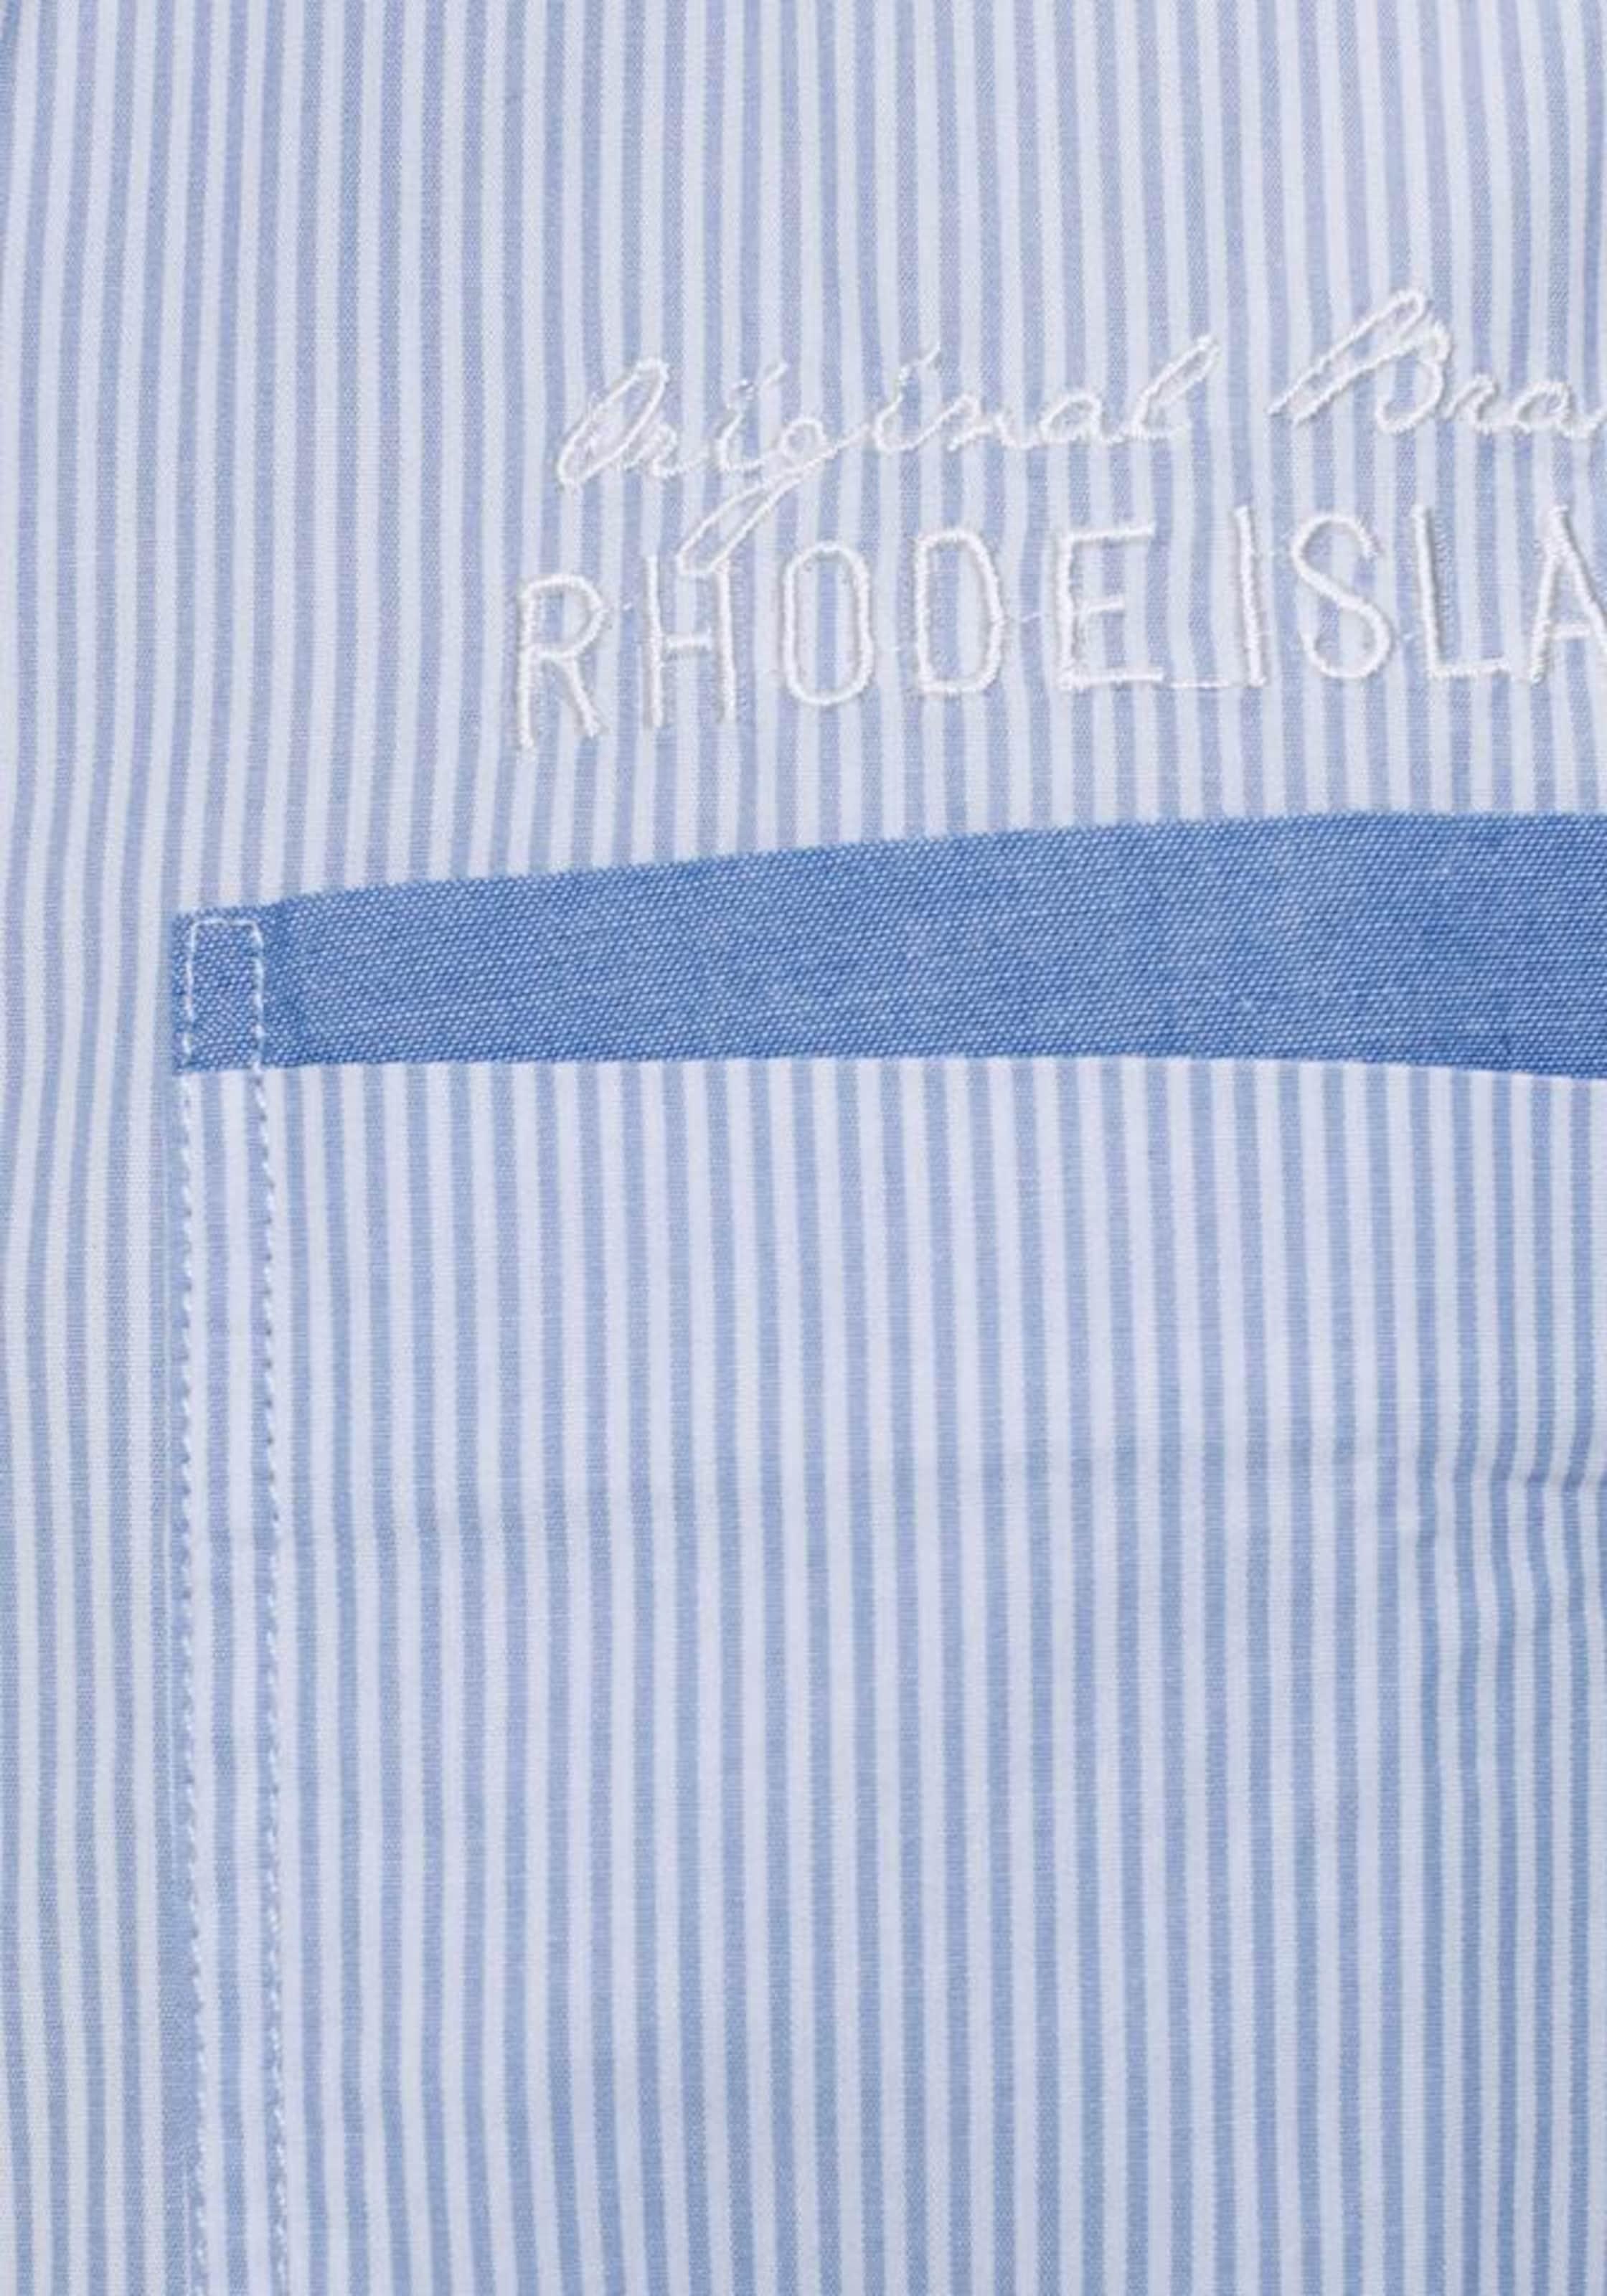 Island Rhode Hemd In RauchblauWeiß Rhode Island N8vnwO0m